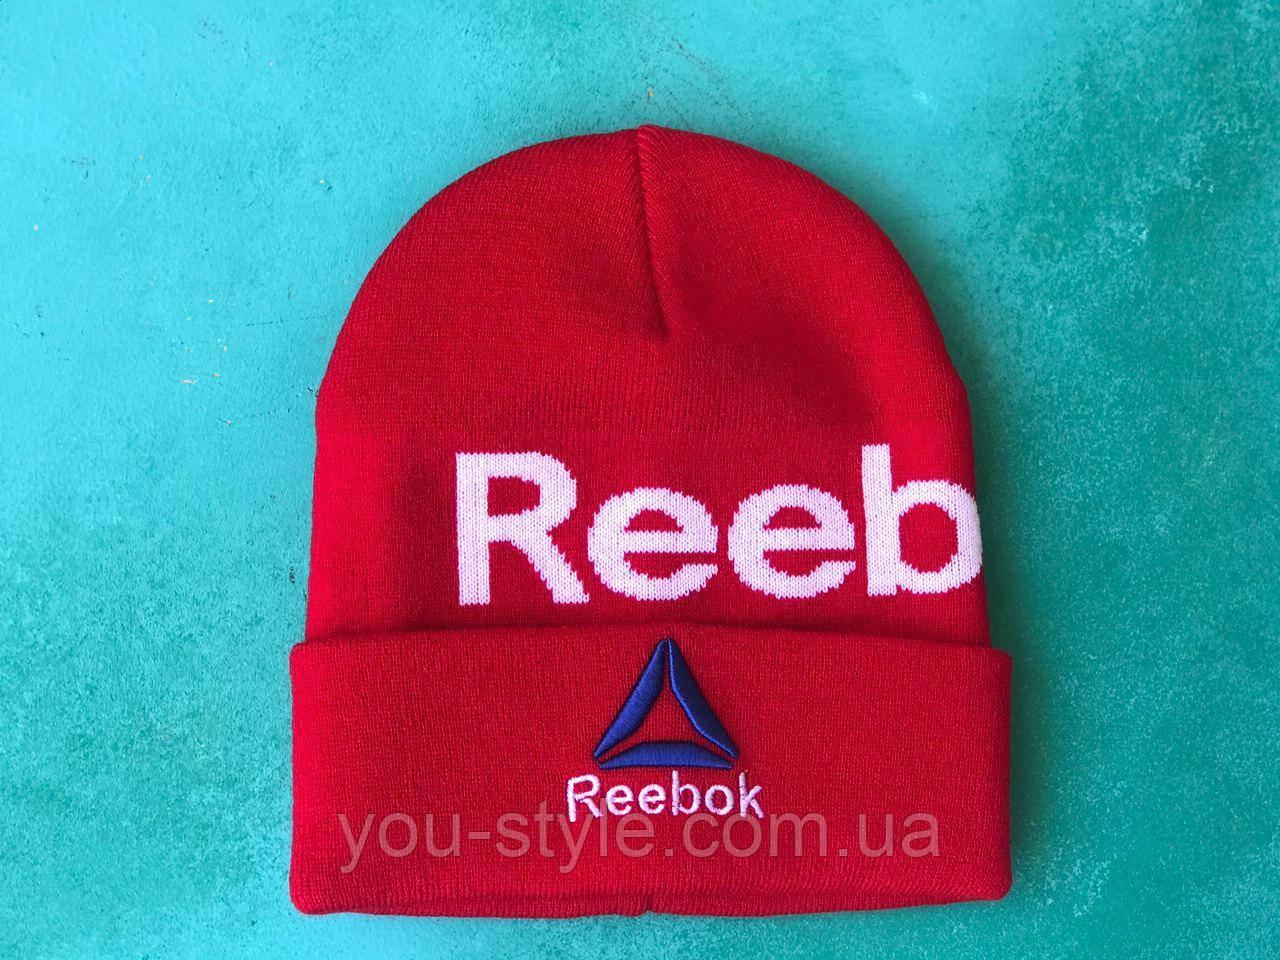 Шапка reebok / шапка рибок/ шапка женская/шапка мужская/красный